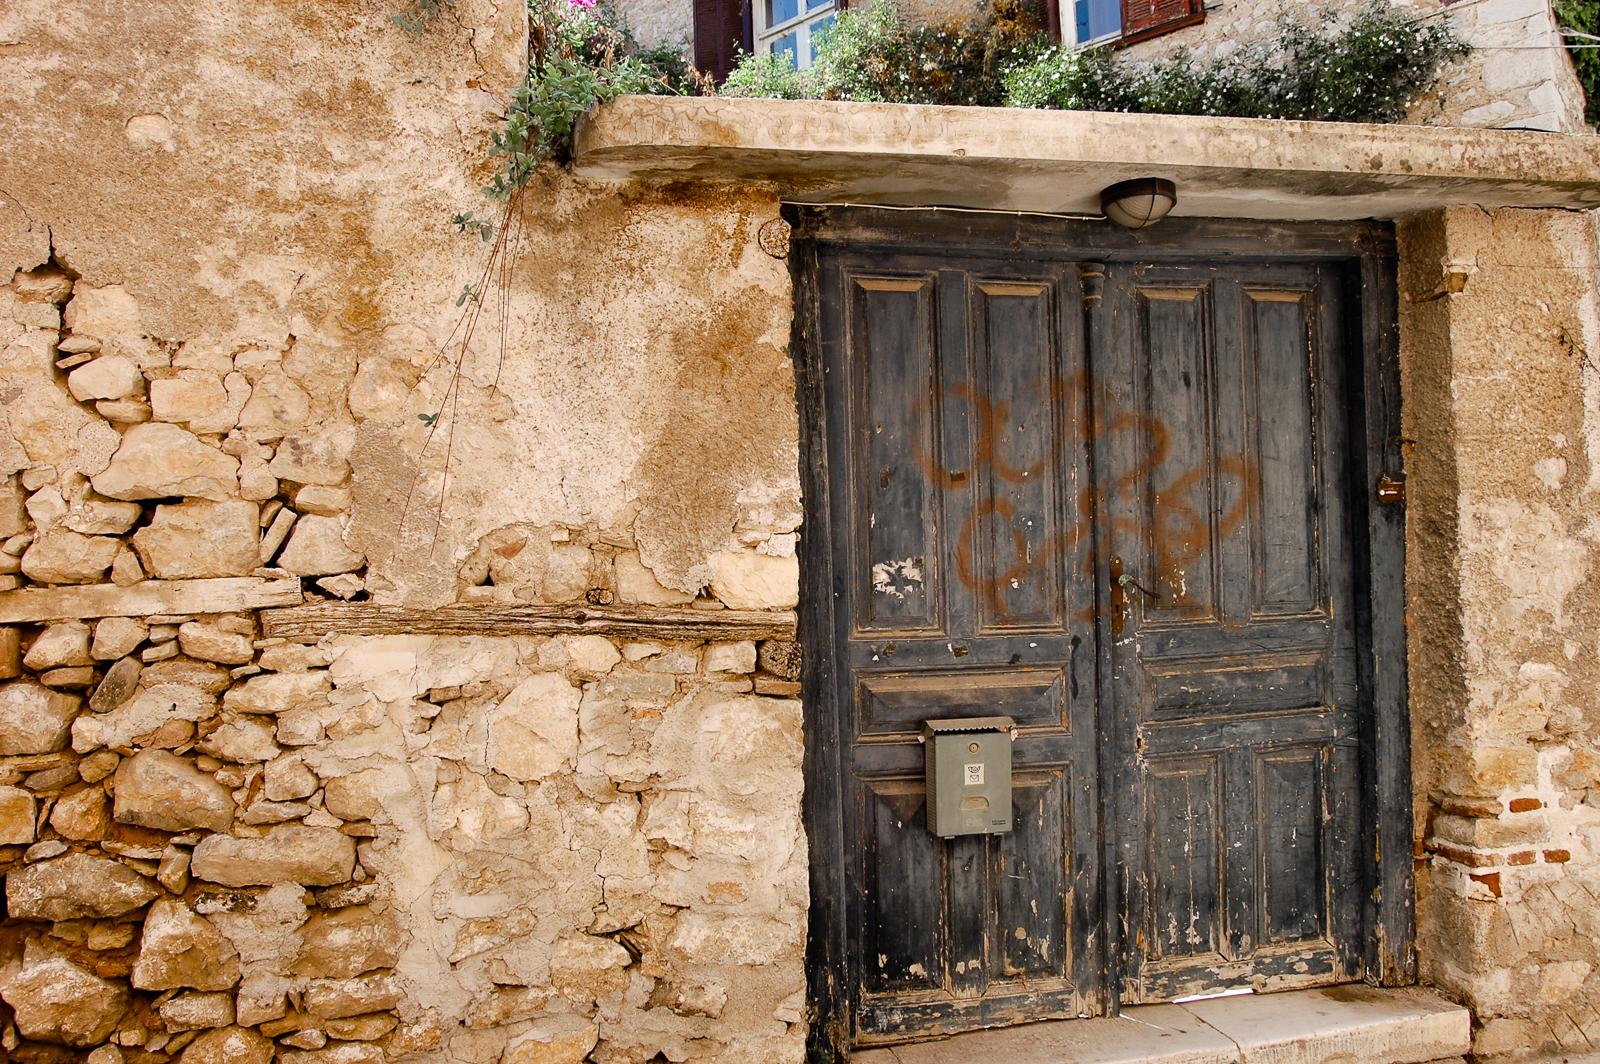 Decaying Door in Nafplio